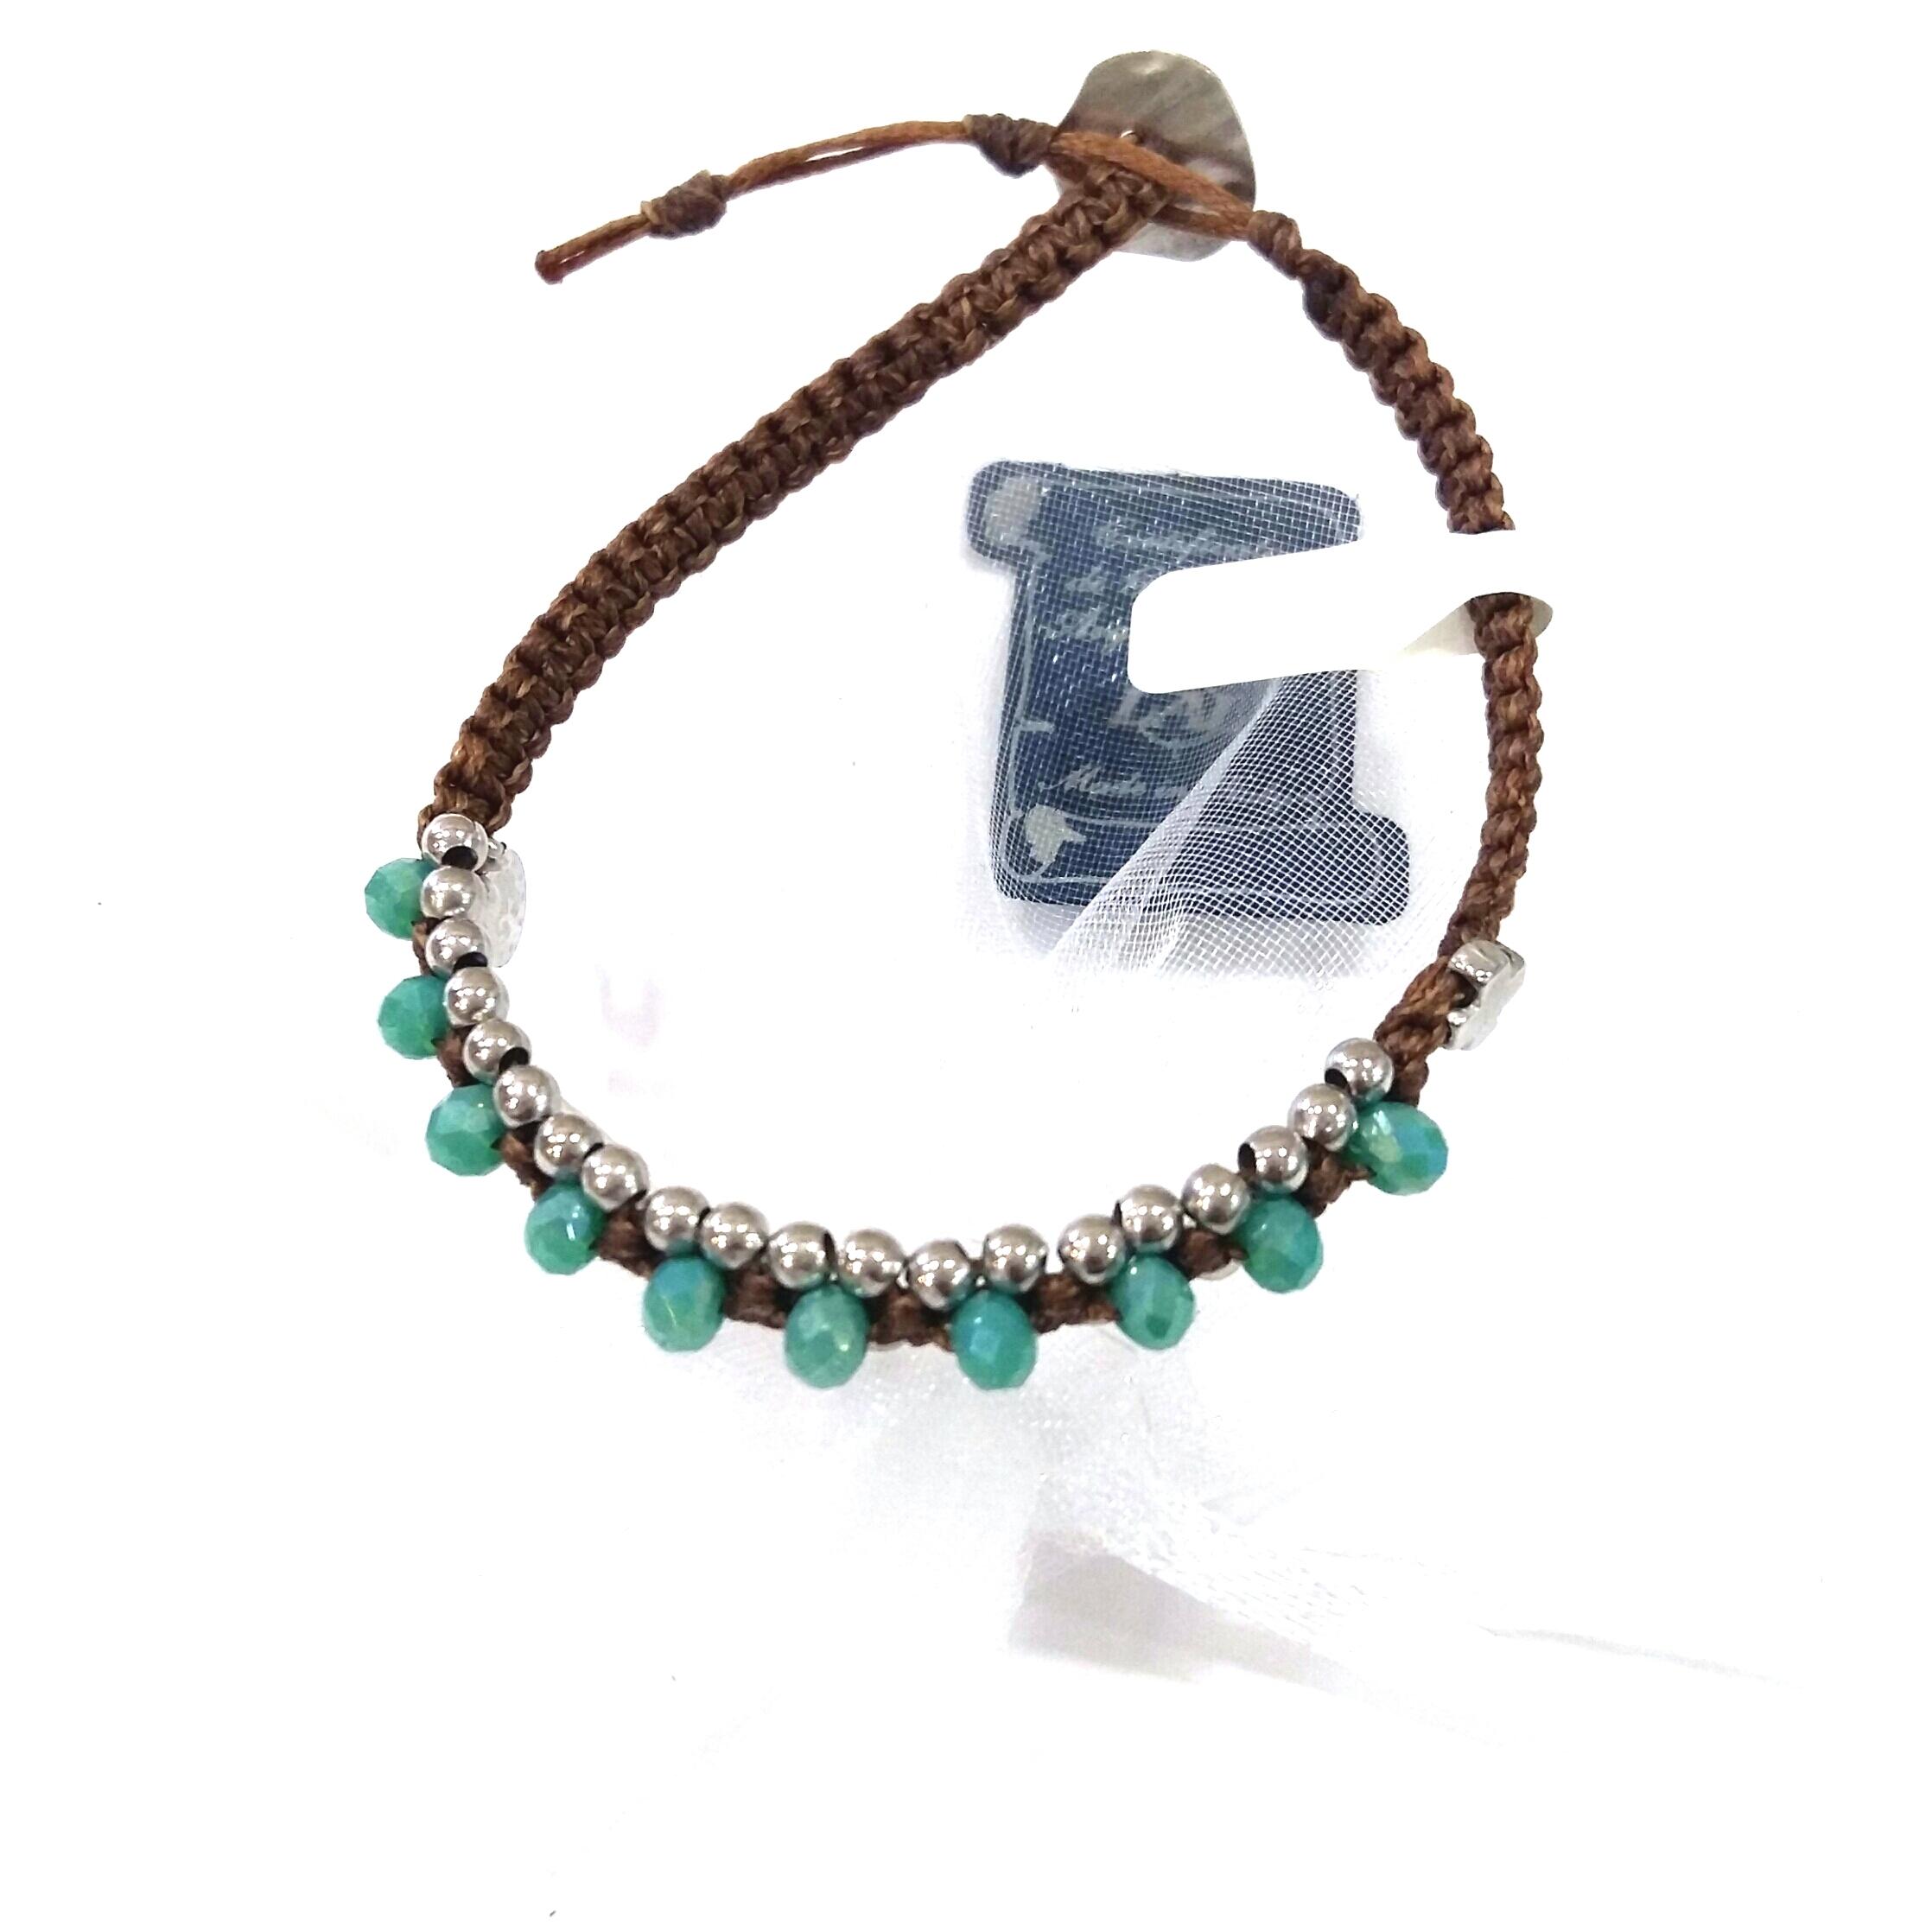 nuovo arrivo 78c74 819fa Bracciale decina in corda con grani in cristallo verde tiffany e argento,  medaglia miracolosa e argento